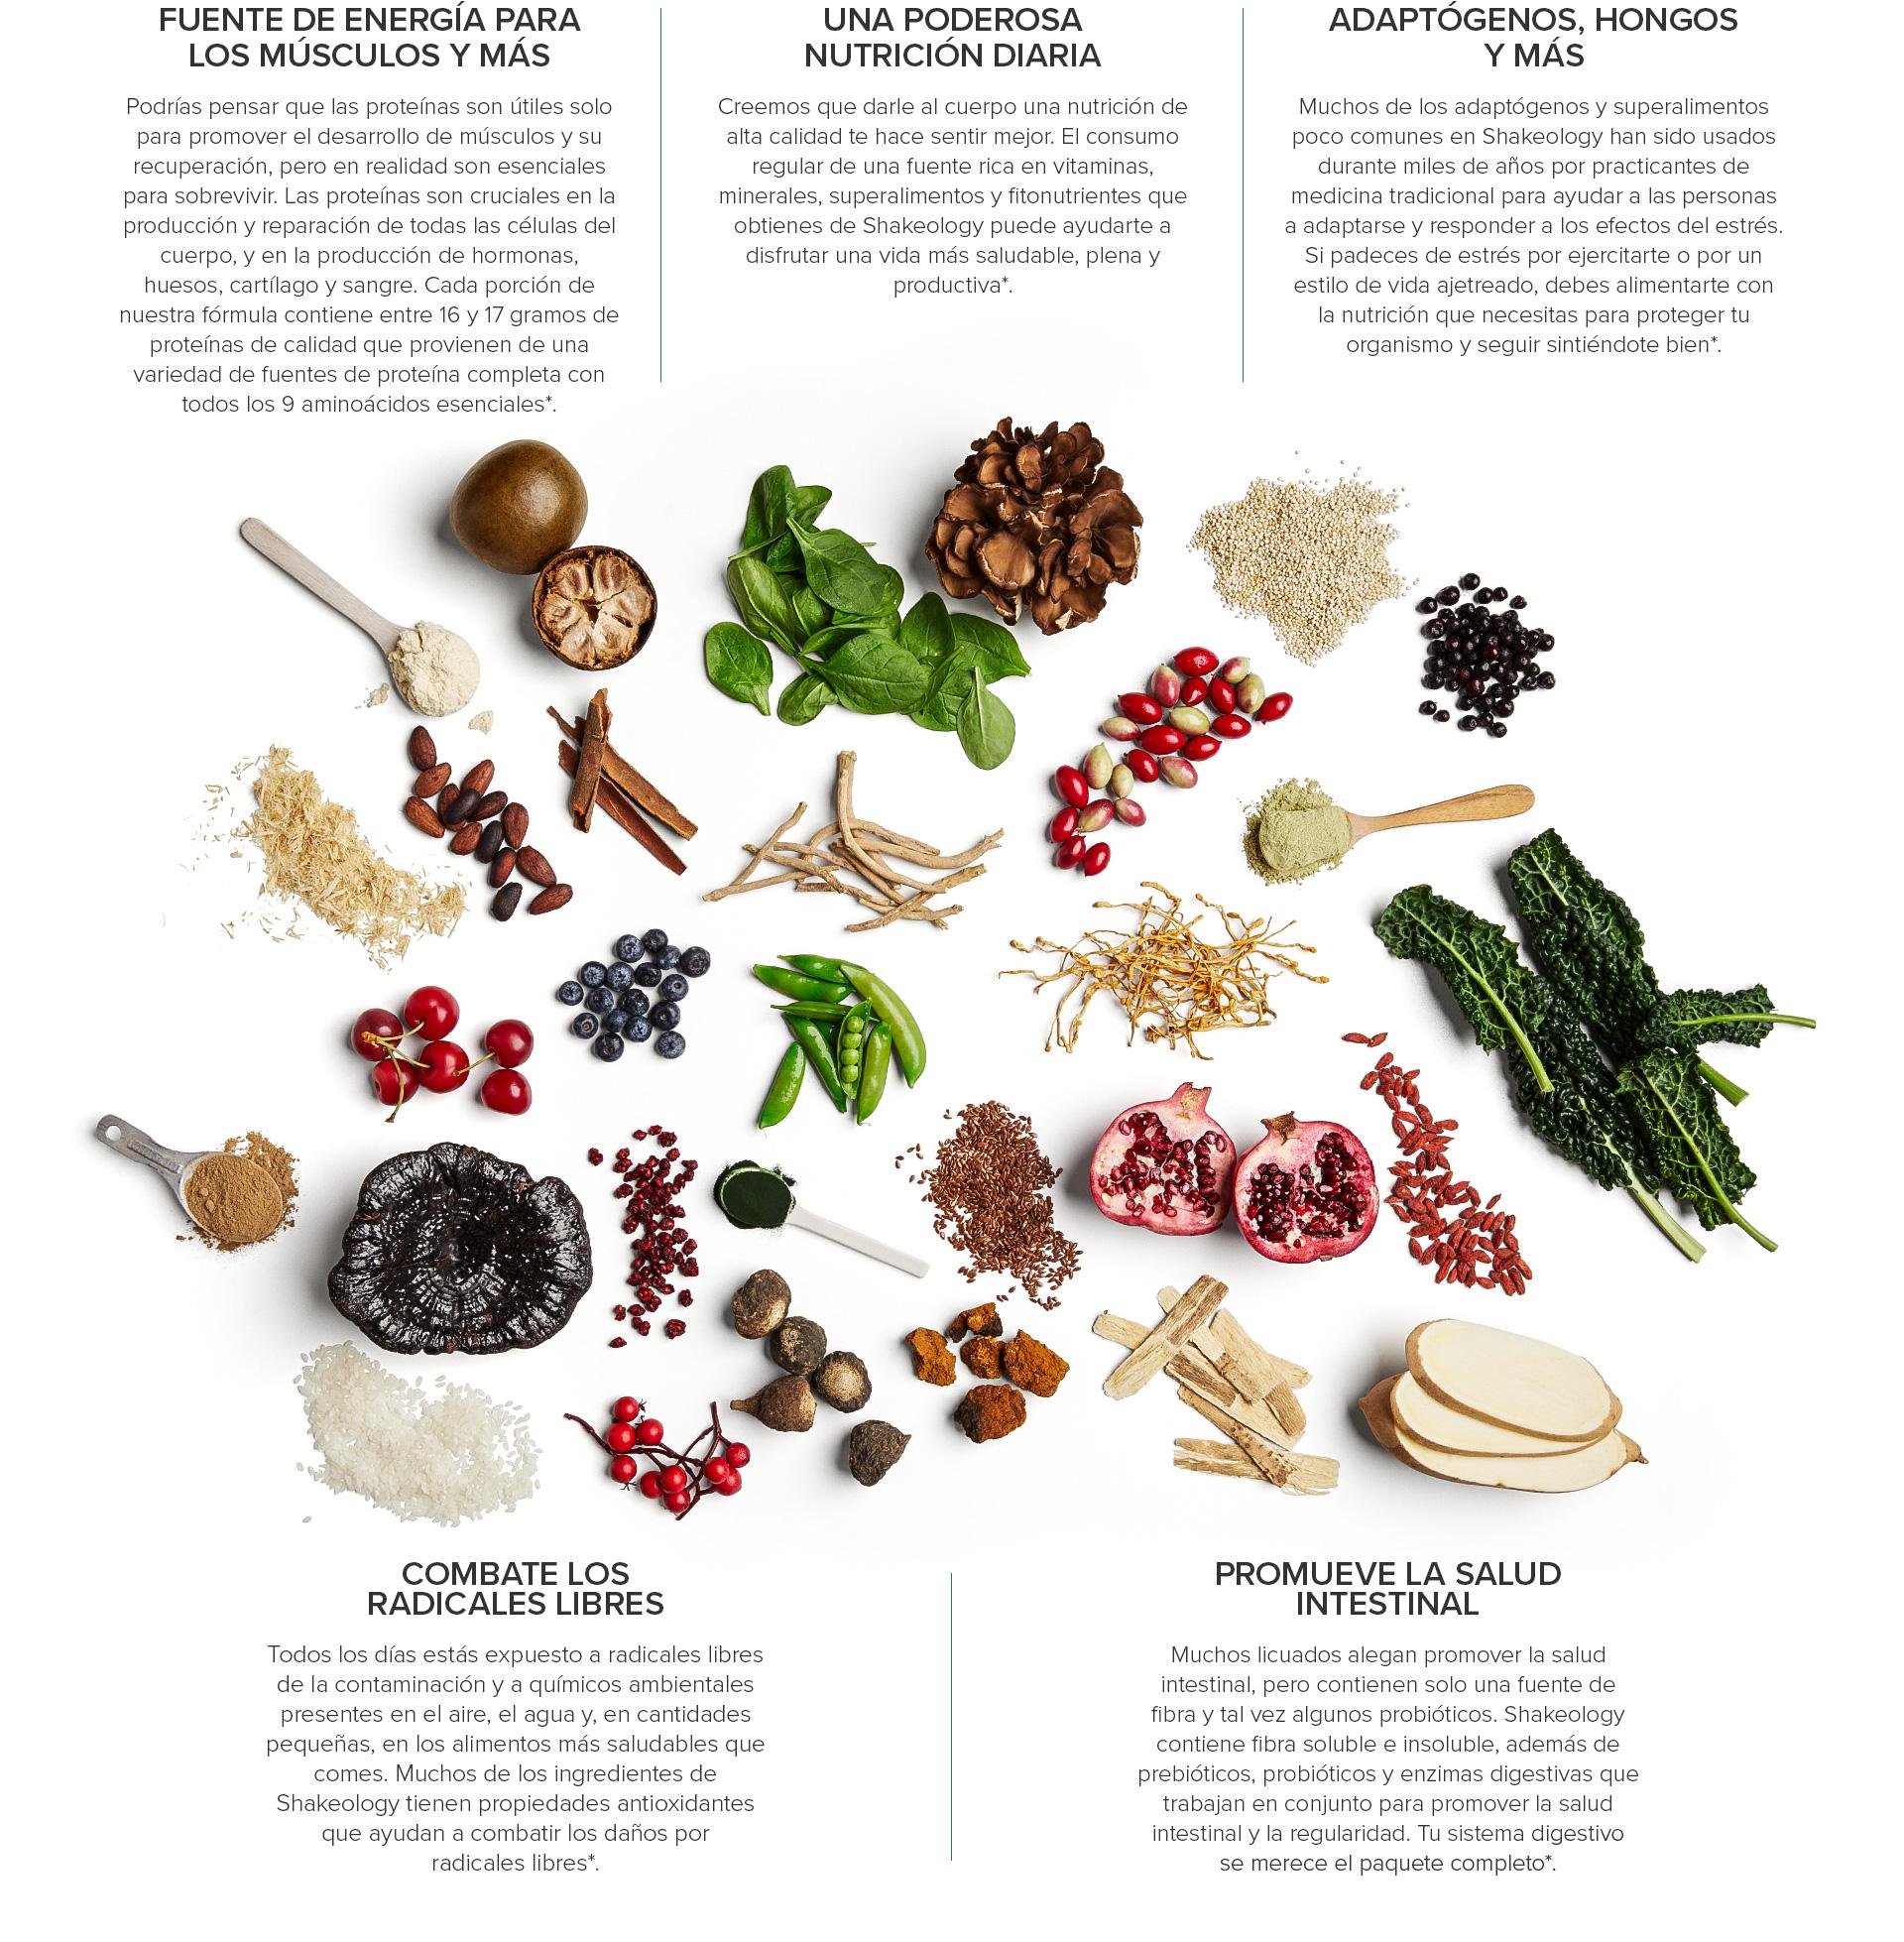 ¿Qué nutrición diaria necesito?